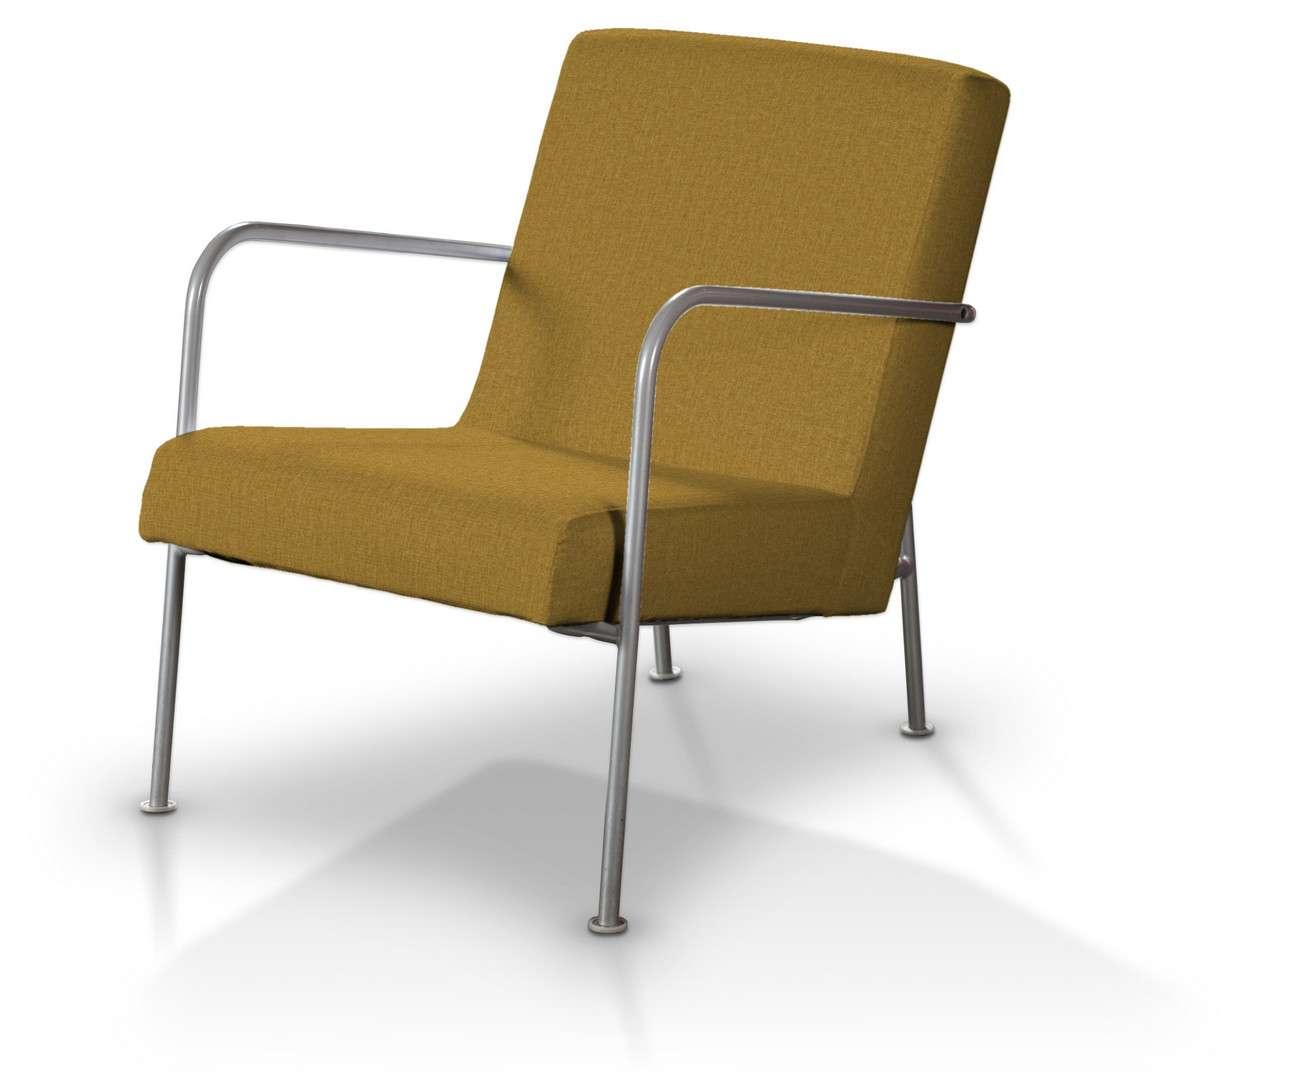 Pokrowiec na fotel Ikea PS w kolekcji City, tkanina: 704-82